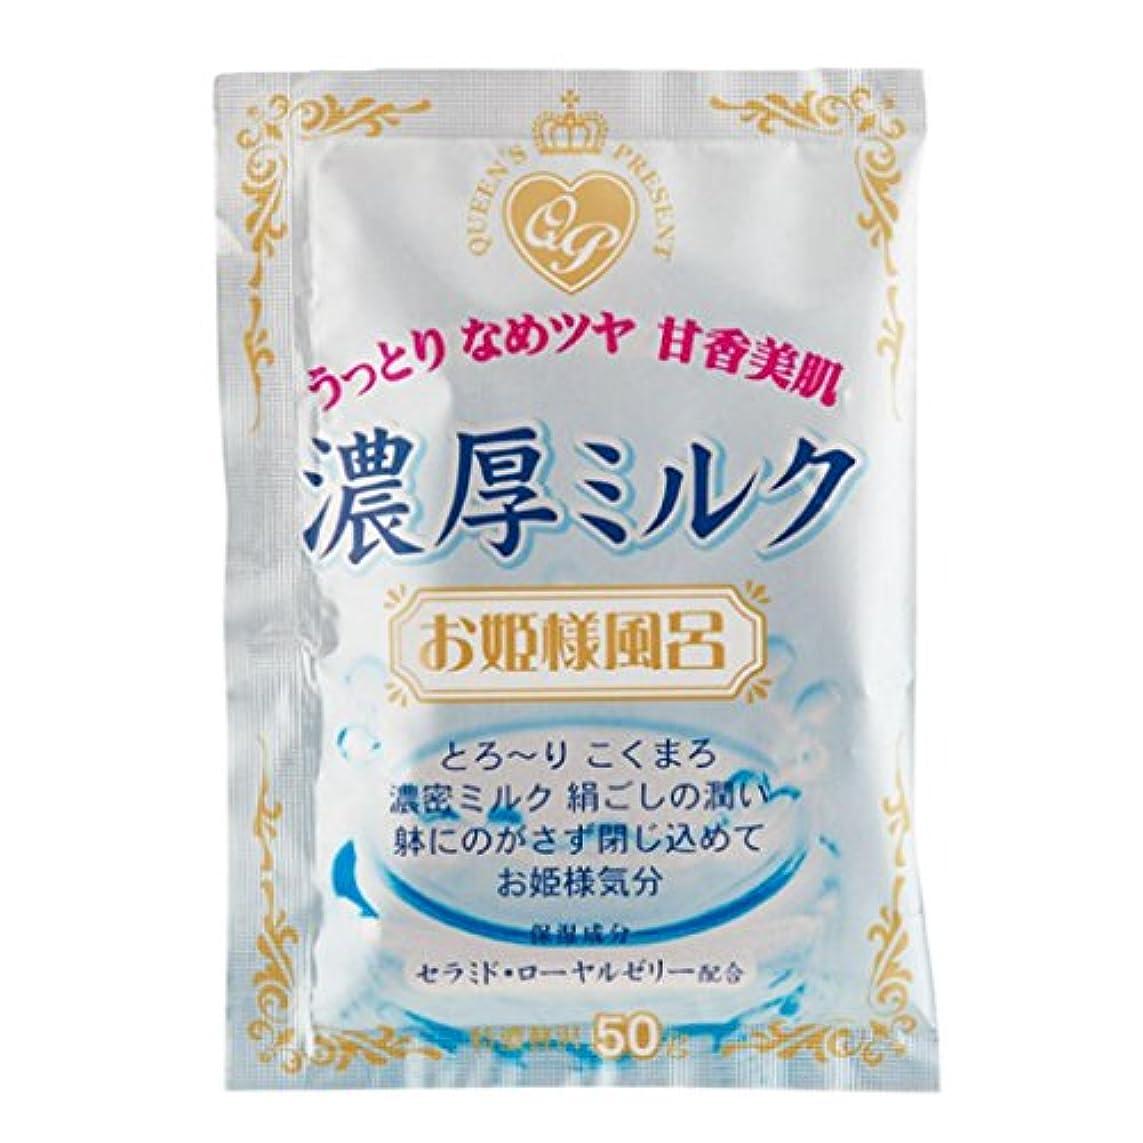 州伝染病偽紀陽除虫菊 お姫様風呂  濃厚ミルク【まとめ買い12個セット】 N-8160